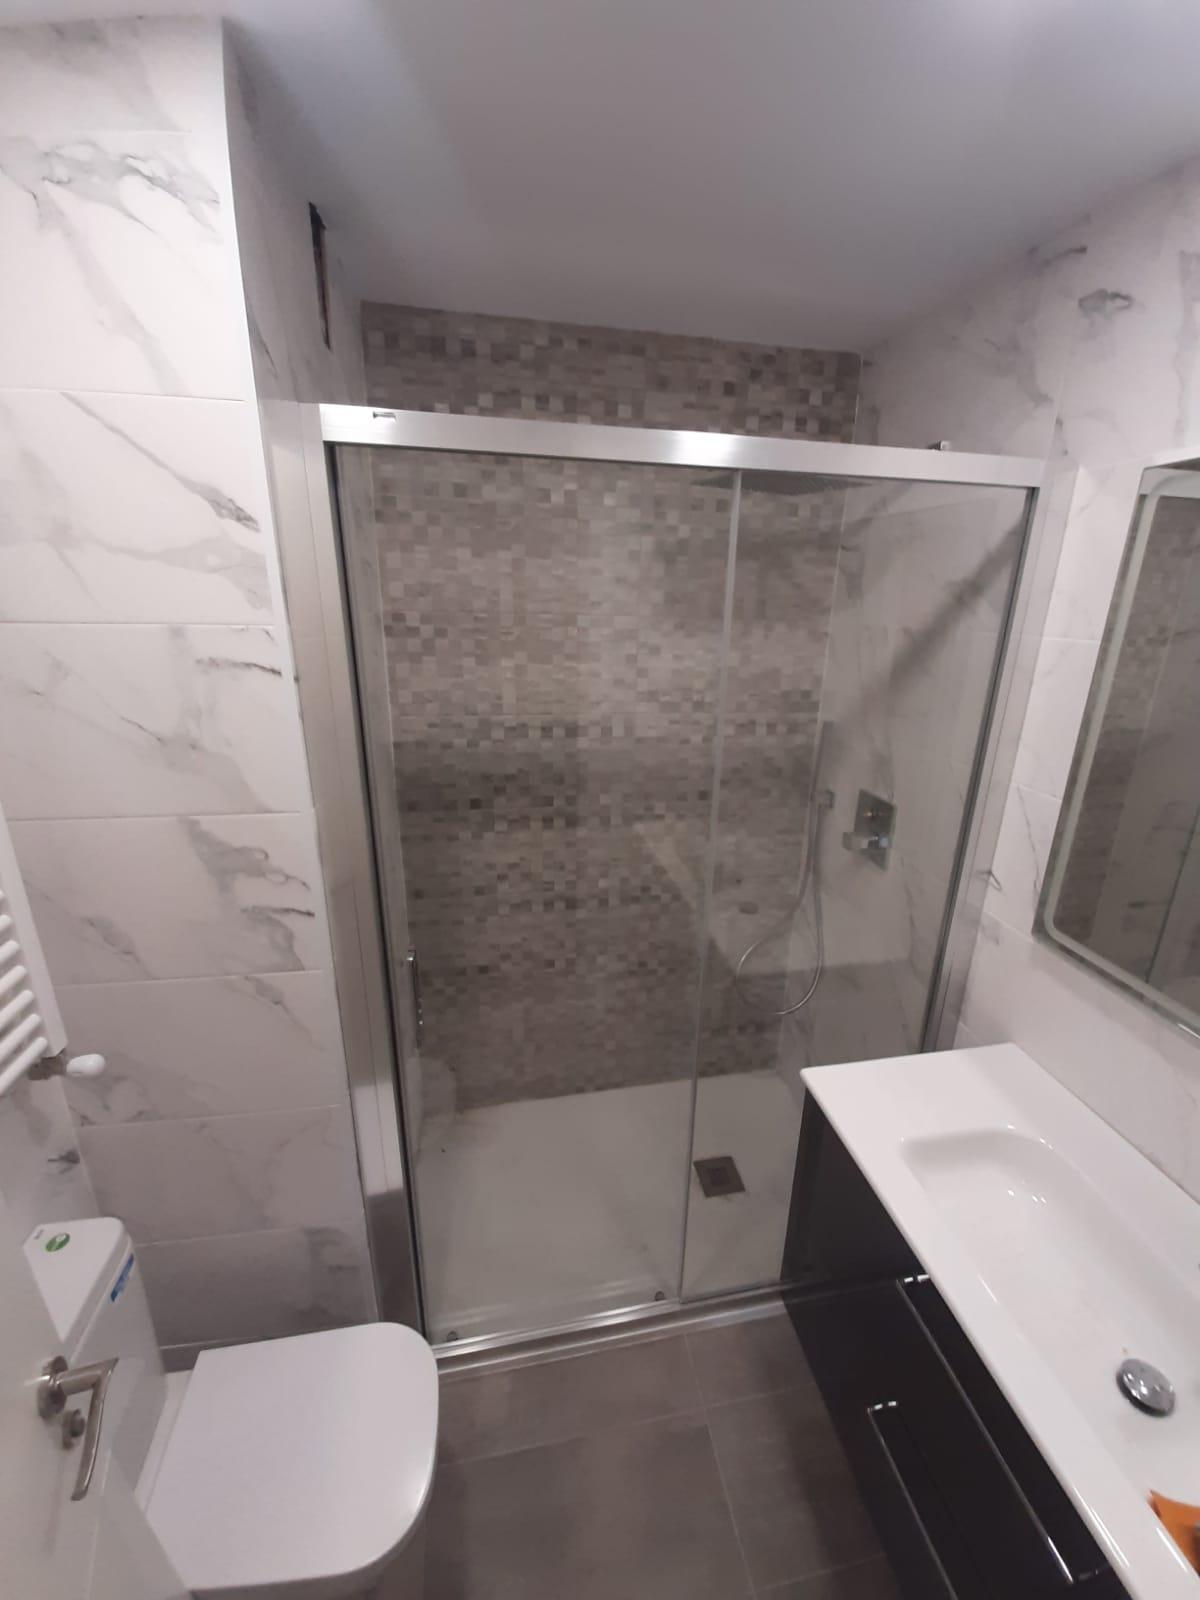 Mamparas de ducha a medida, Bilbao